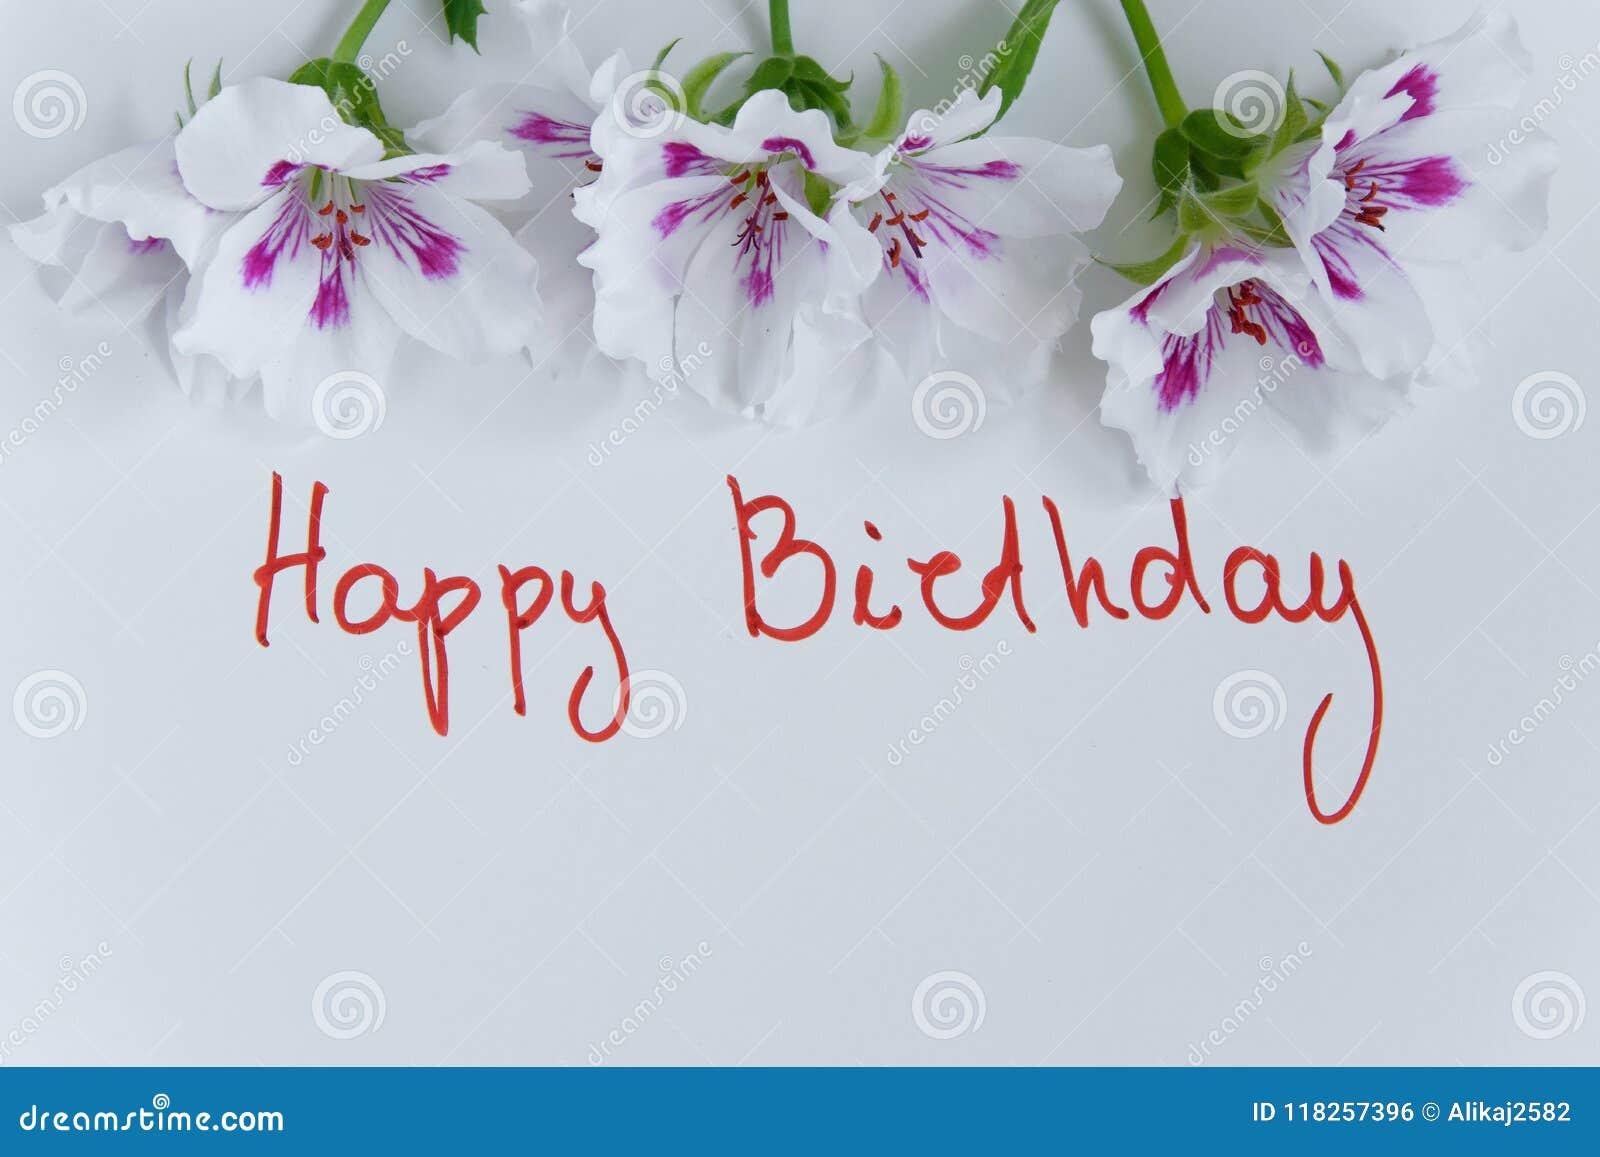 Cartolina D Auguri Di Buon Compleanno Con I Fiori Freschi Su